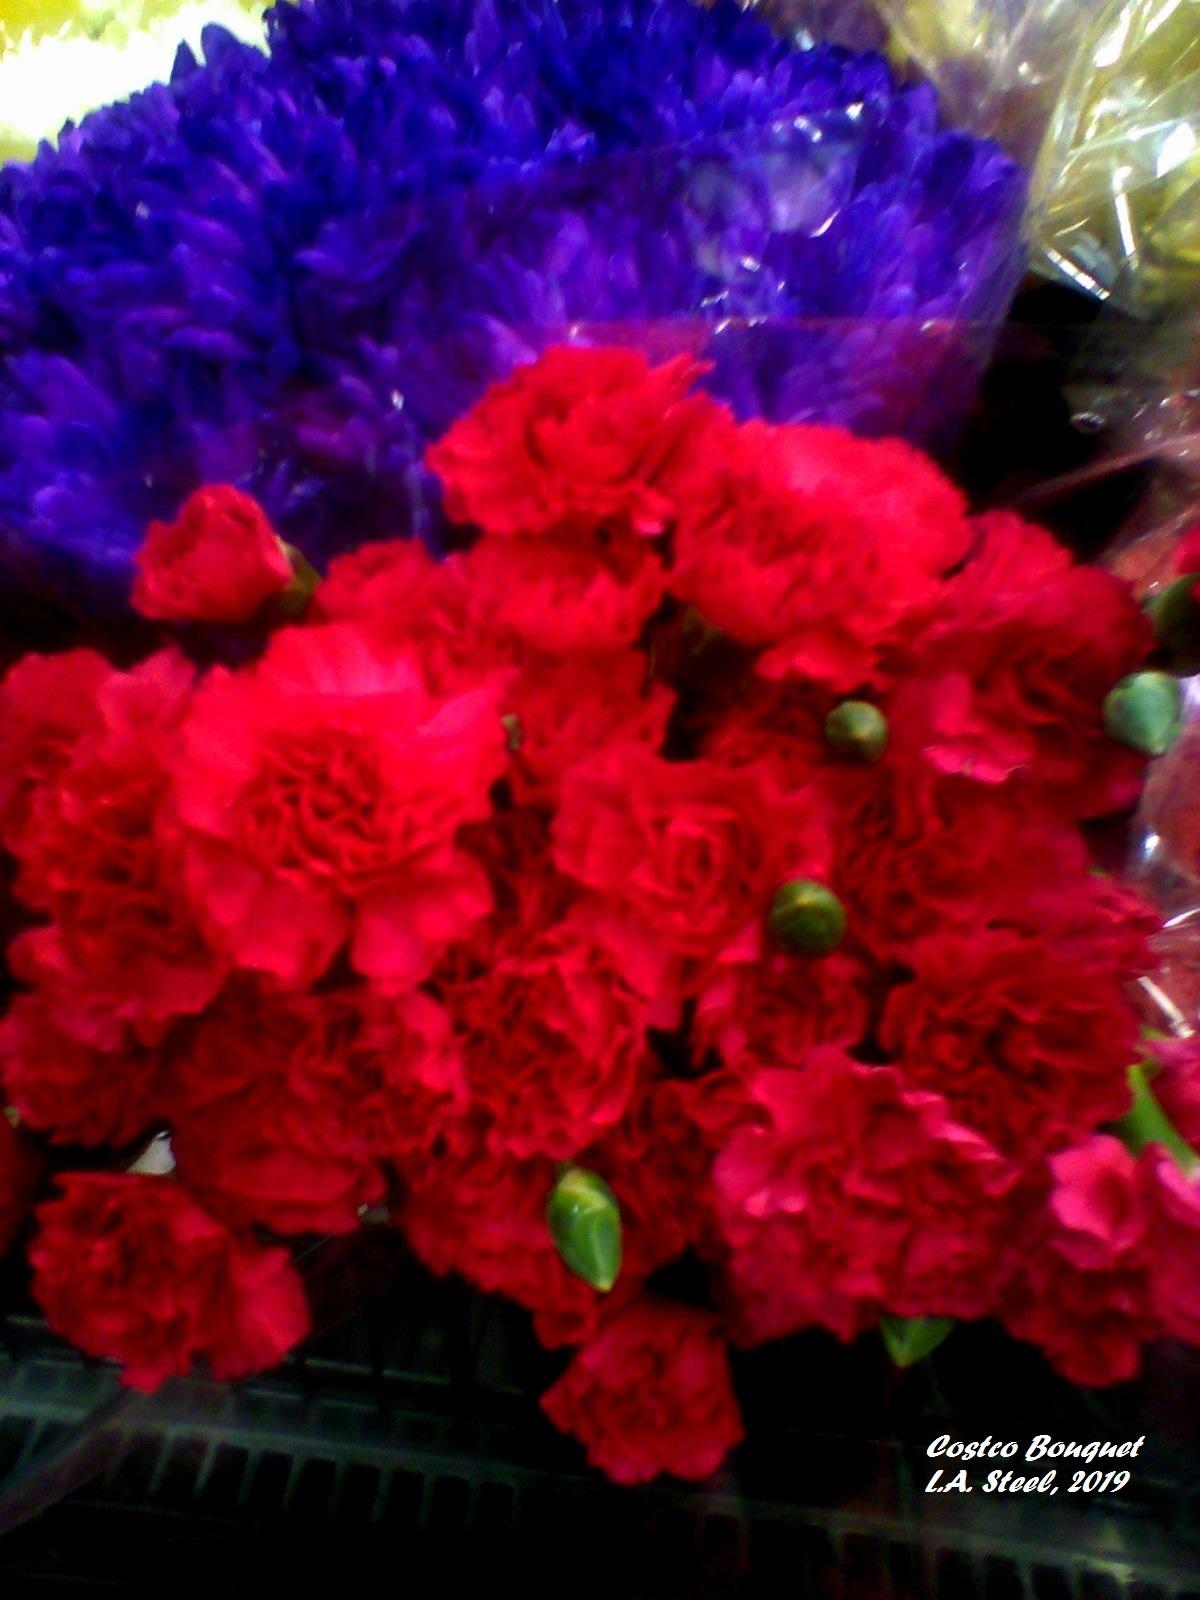 costco bouquets 4 2019